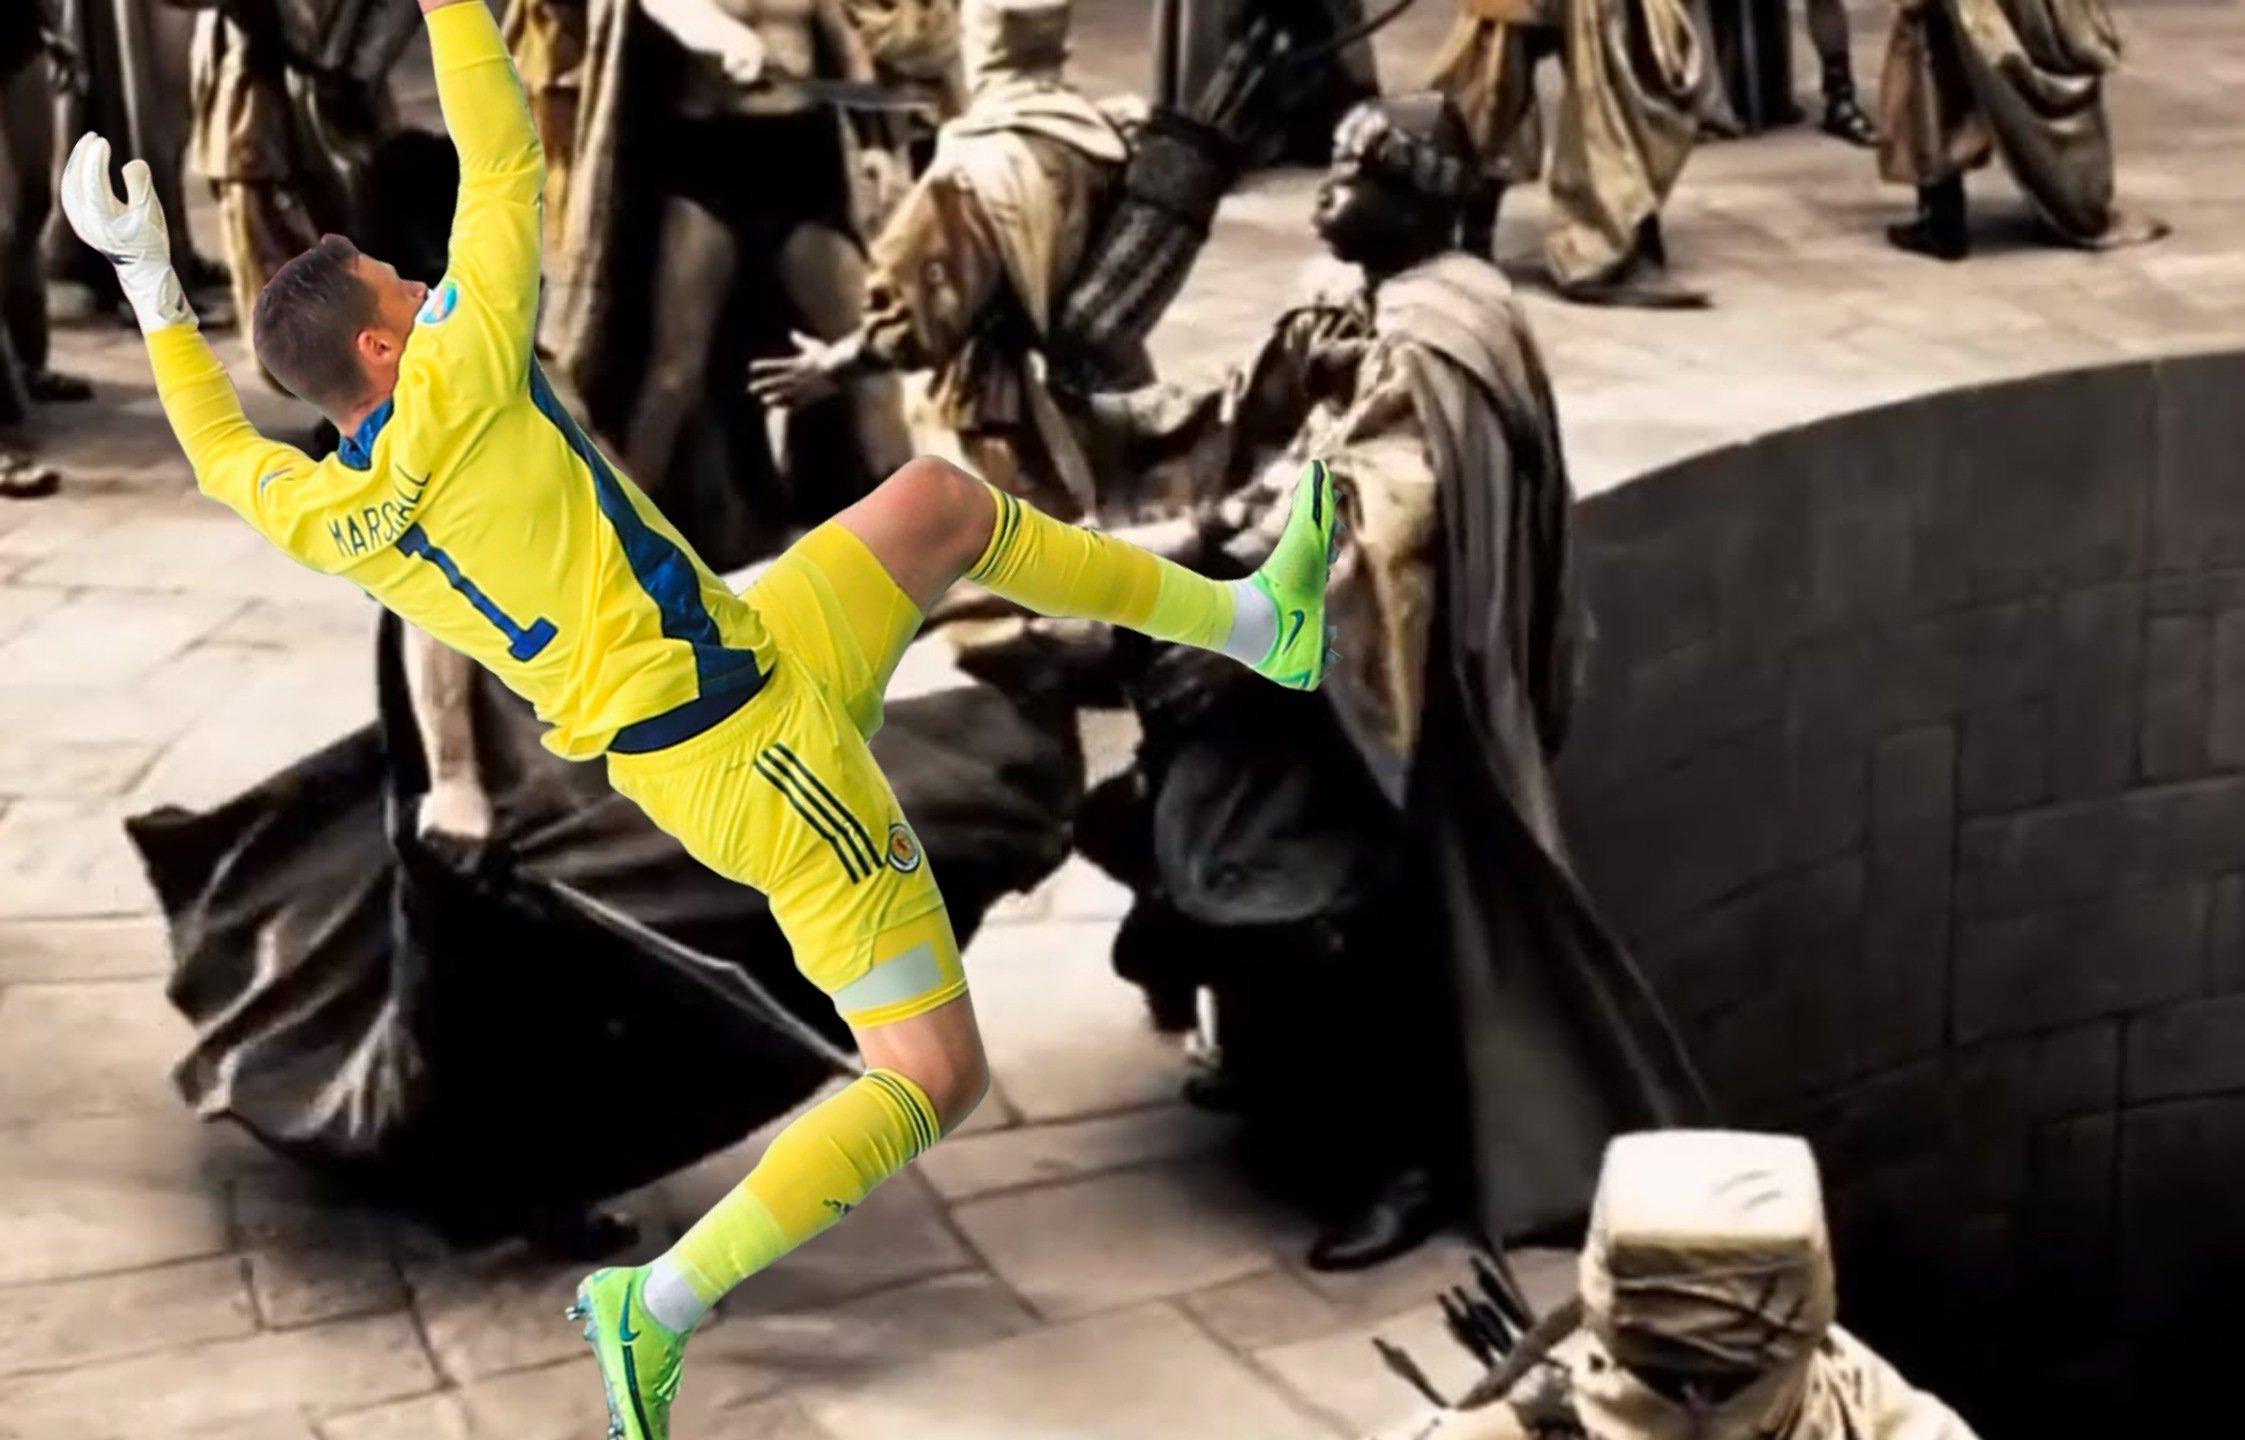 Прыжок вратаря сборной Шотландии Маршалла высмеяли в соцсетях после матча с Чехией (Фото) - изображение 18